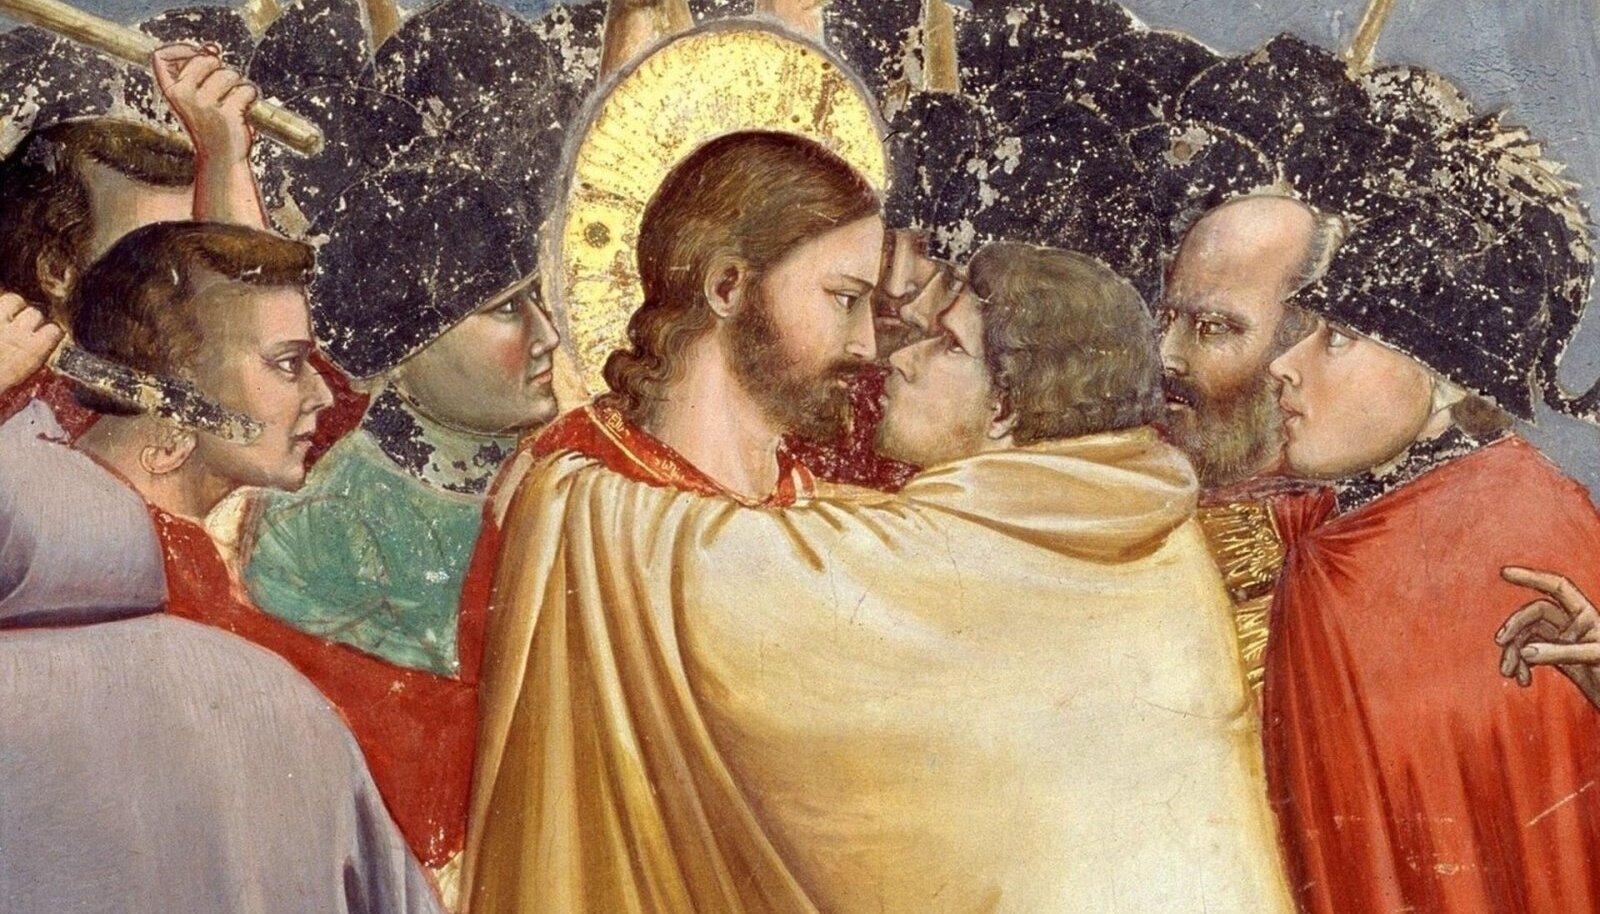 Piibli järgi andis Juudas arreteerijatele märku, suudeldes Jeesust (Pilt: Giotto di Bondone / Wikimedia Commons)